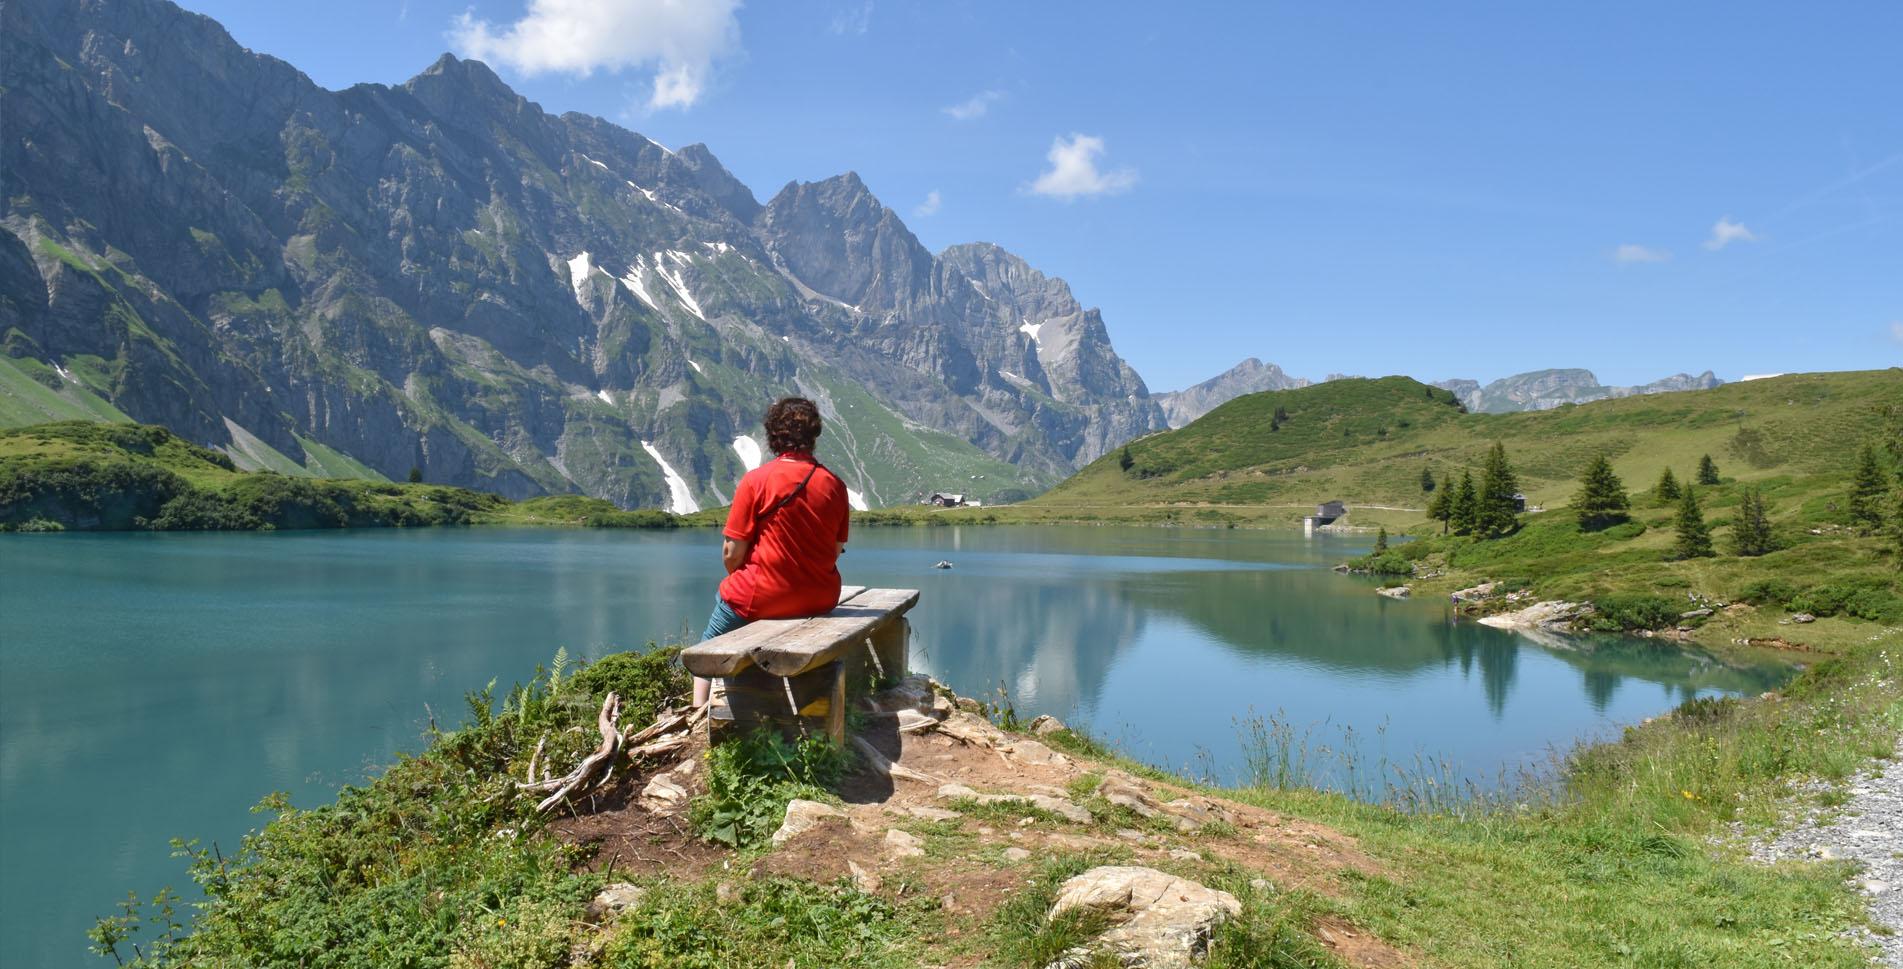 Vier-Seen-Wanderung von Engelberg nach Melchsee-Frutt mit Start beim Trübsee via Jochpass, Engstlensee, Engstlenalp, Tannalp, Tannensee, Melchsee